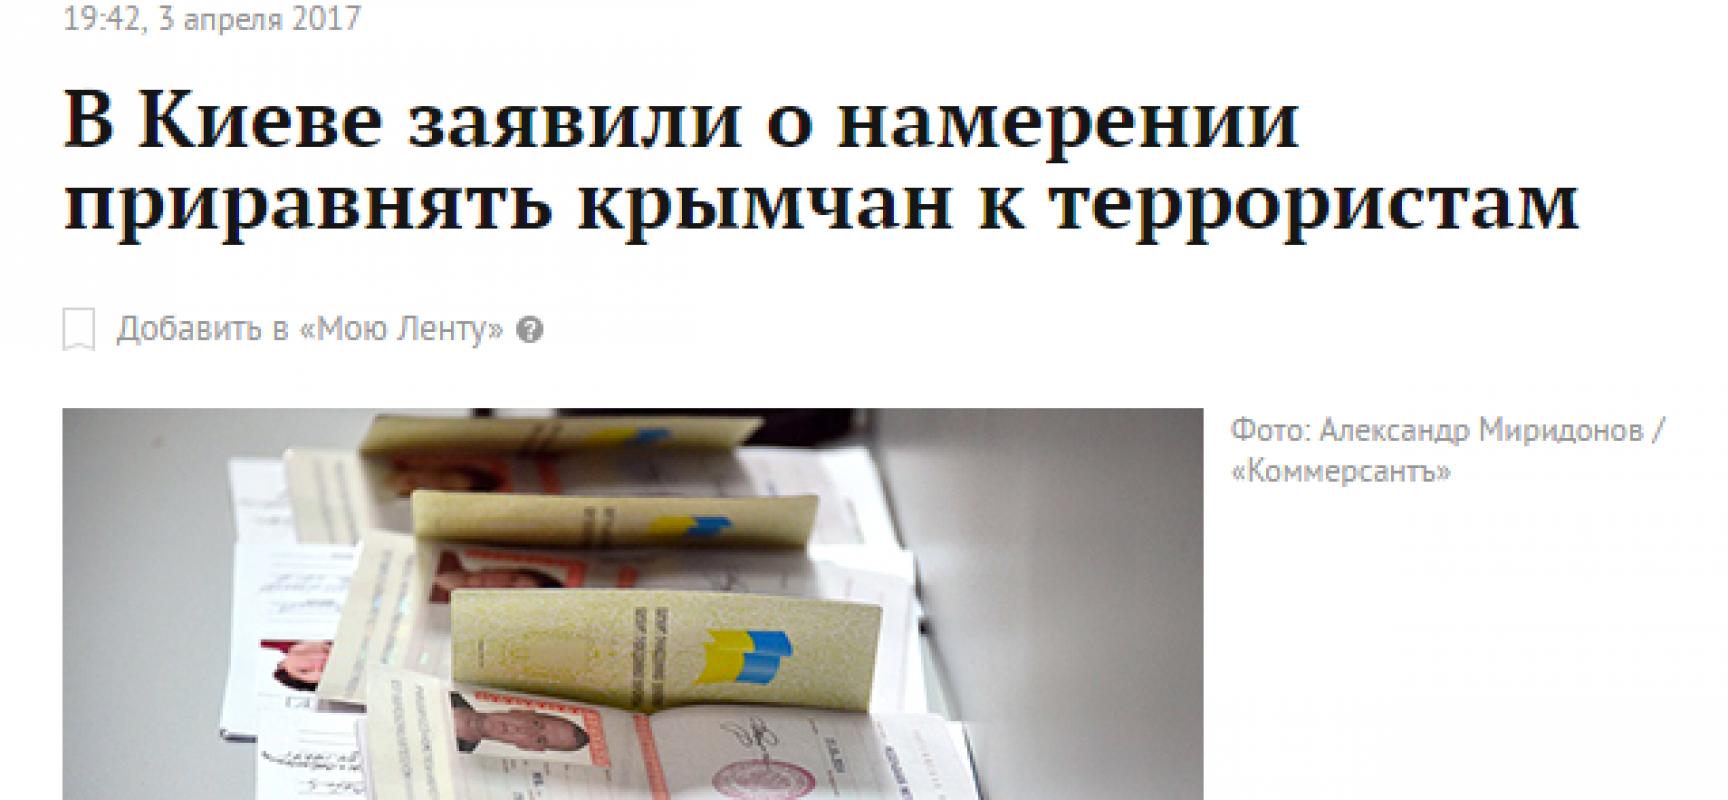 Fake : L'Ucraina considera gli abitanti della Crimea e del Donbas occupato Terroristi